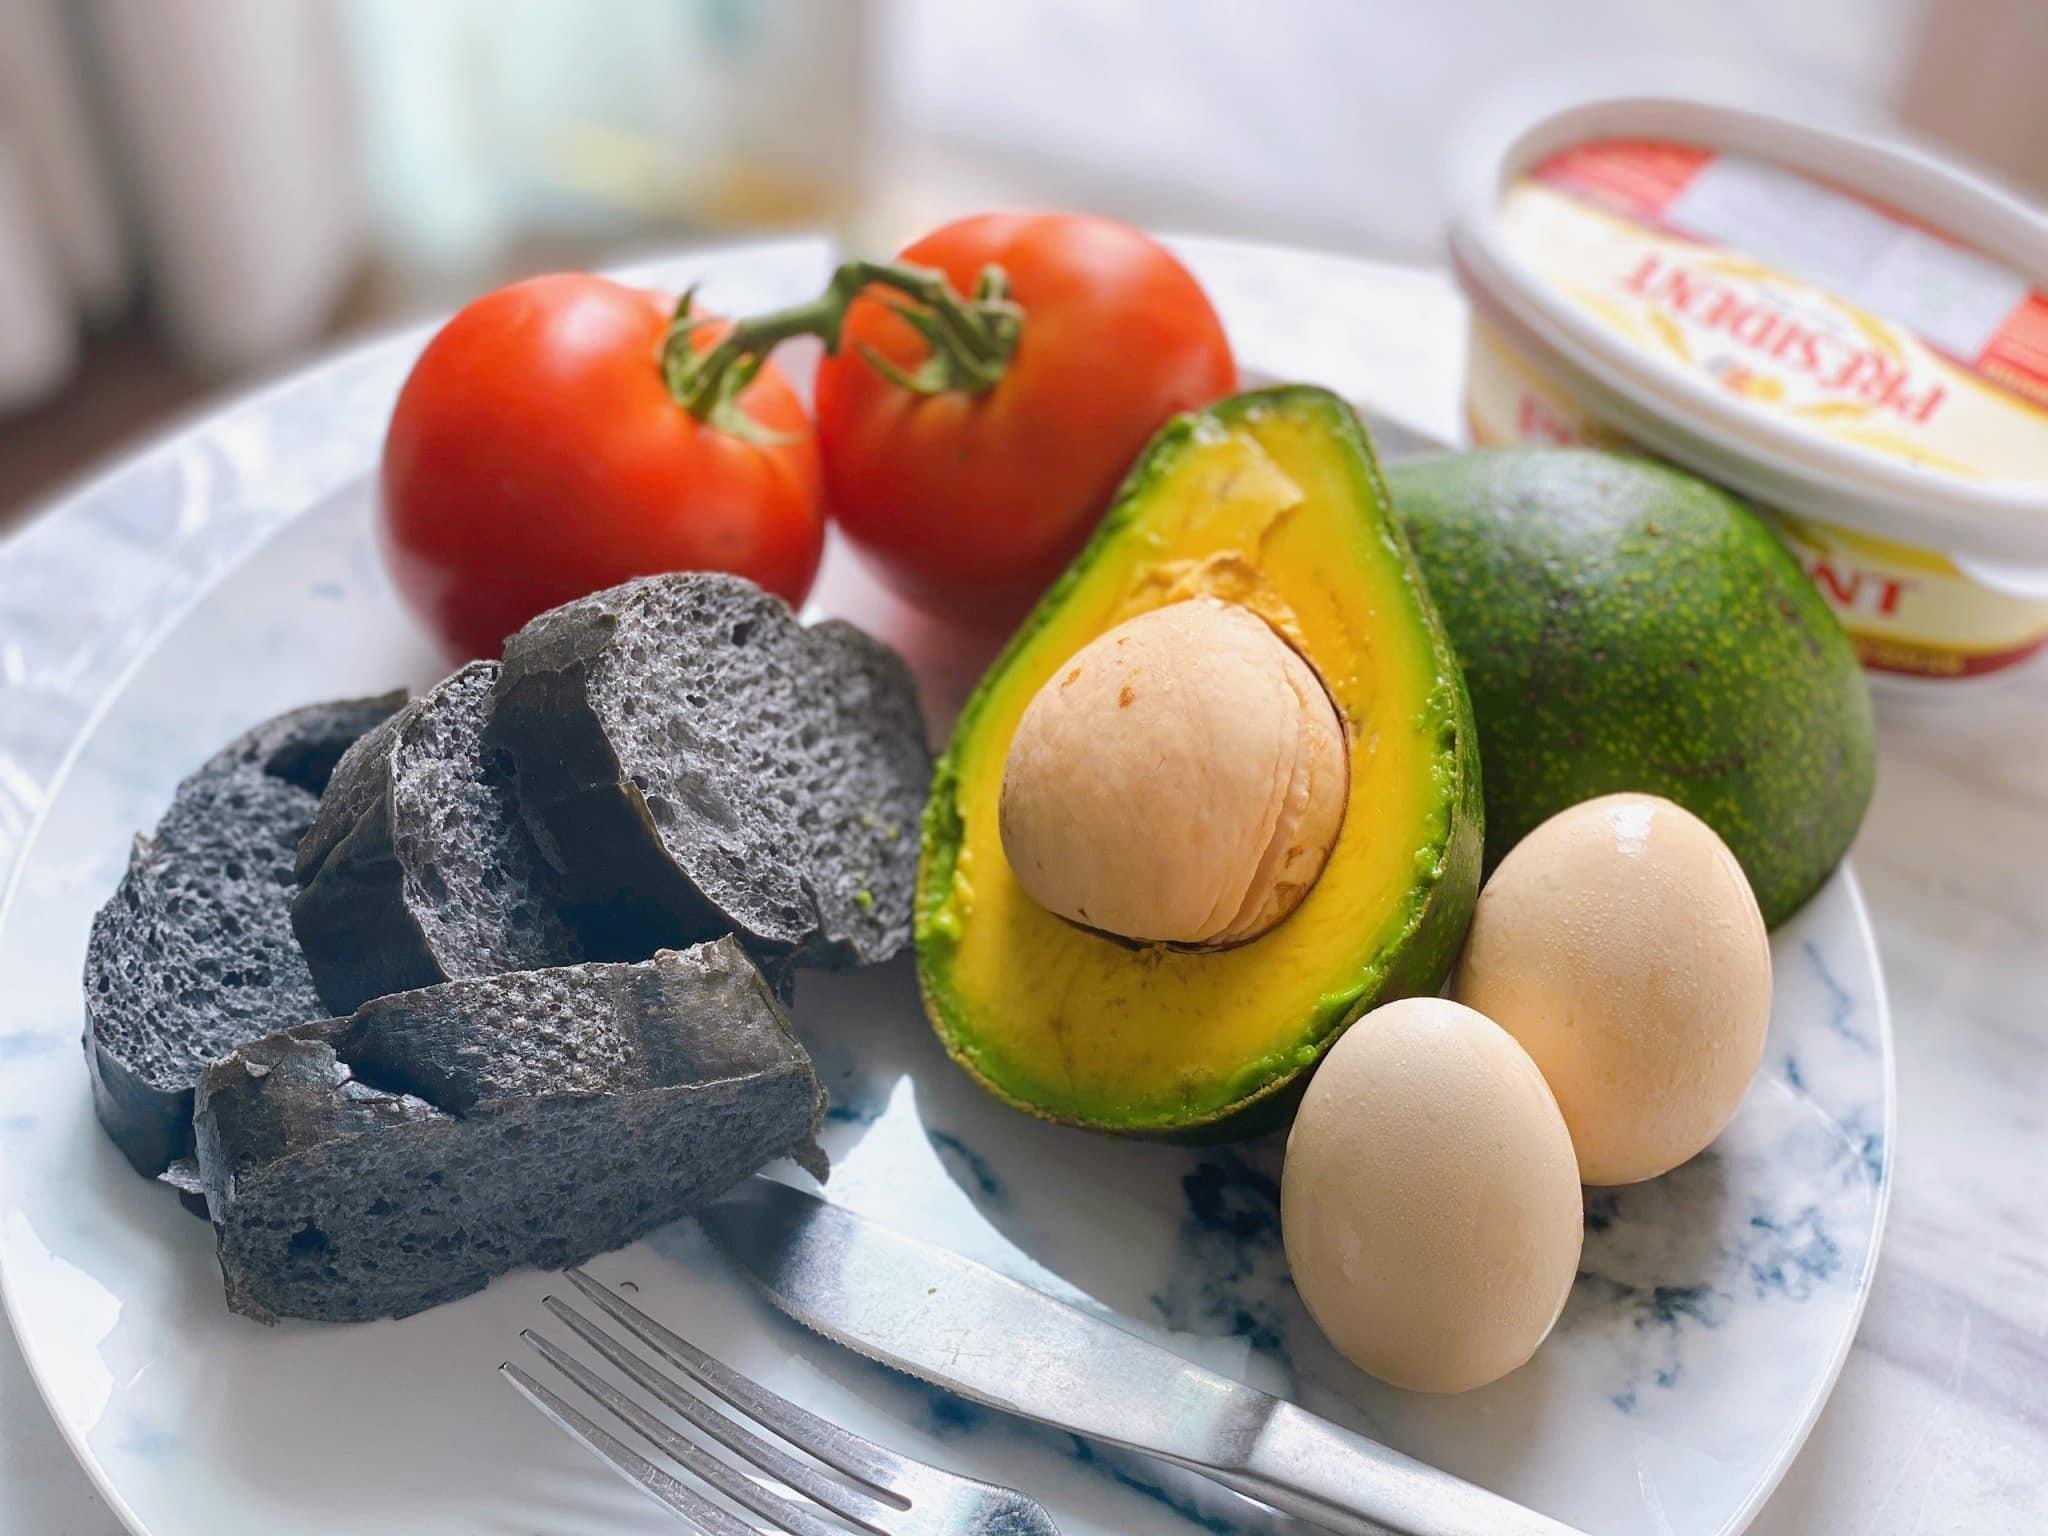 Bữa sáng của Ngọc Hân cung cấp đầy đủ các nhóm dưỡng chất cần thiết cho cơ thể: tinh bột từ bánh mì nướng, chất xơ cùng chất béo tốt từ quả bơ, cà chua và hàm lượng cao protein từ trứng gà.